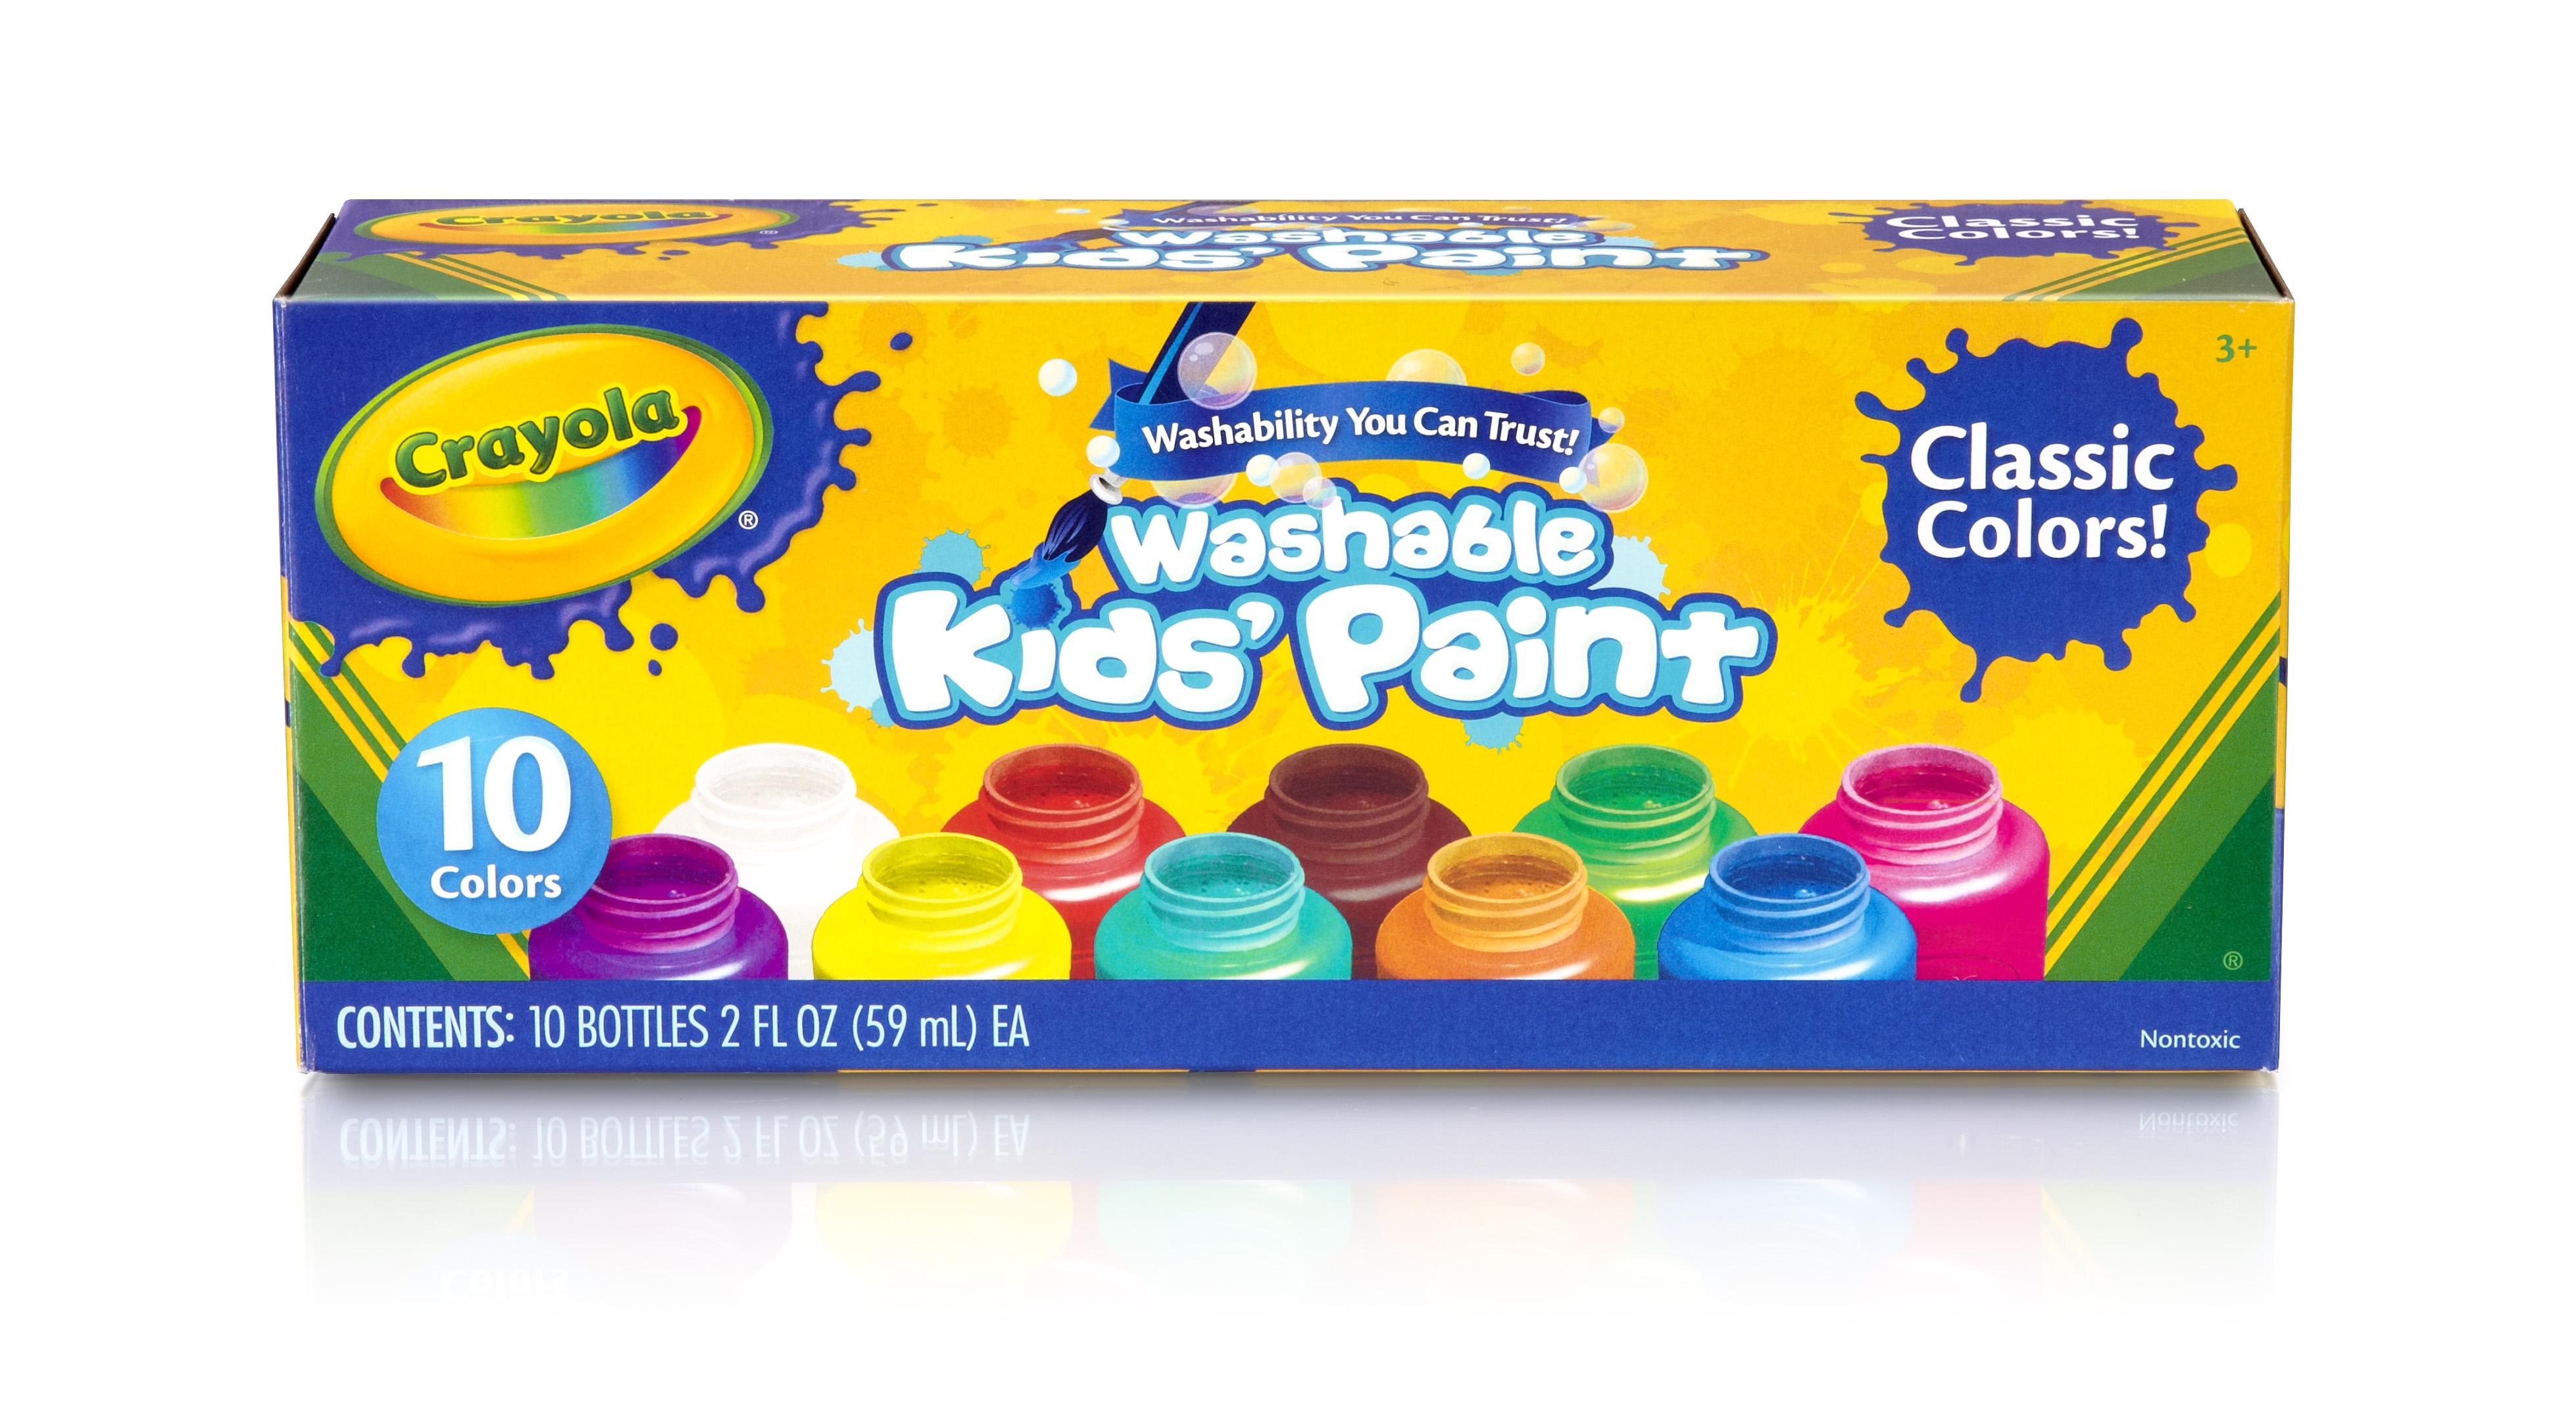 Crayola Washable Kids Paint, 10 Colors PartNumber: 025W025254411000P KsnValue: 25254411